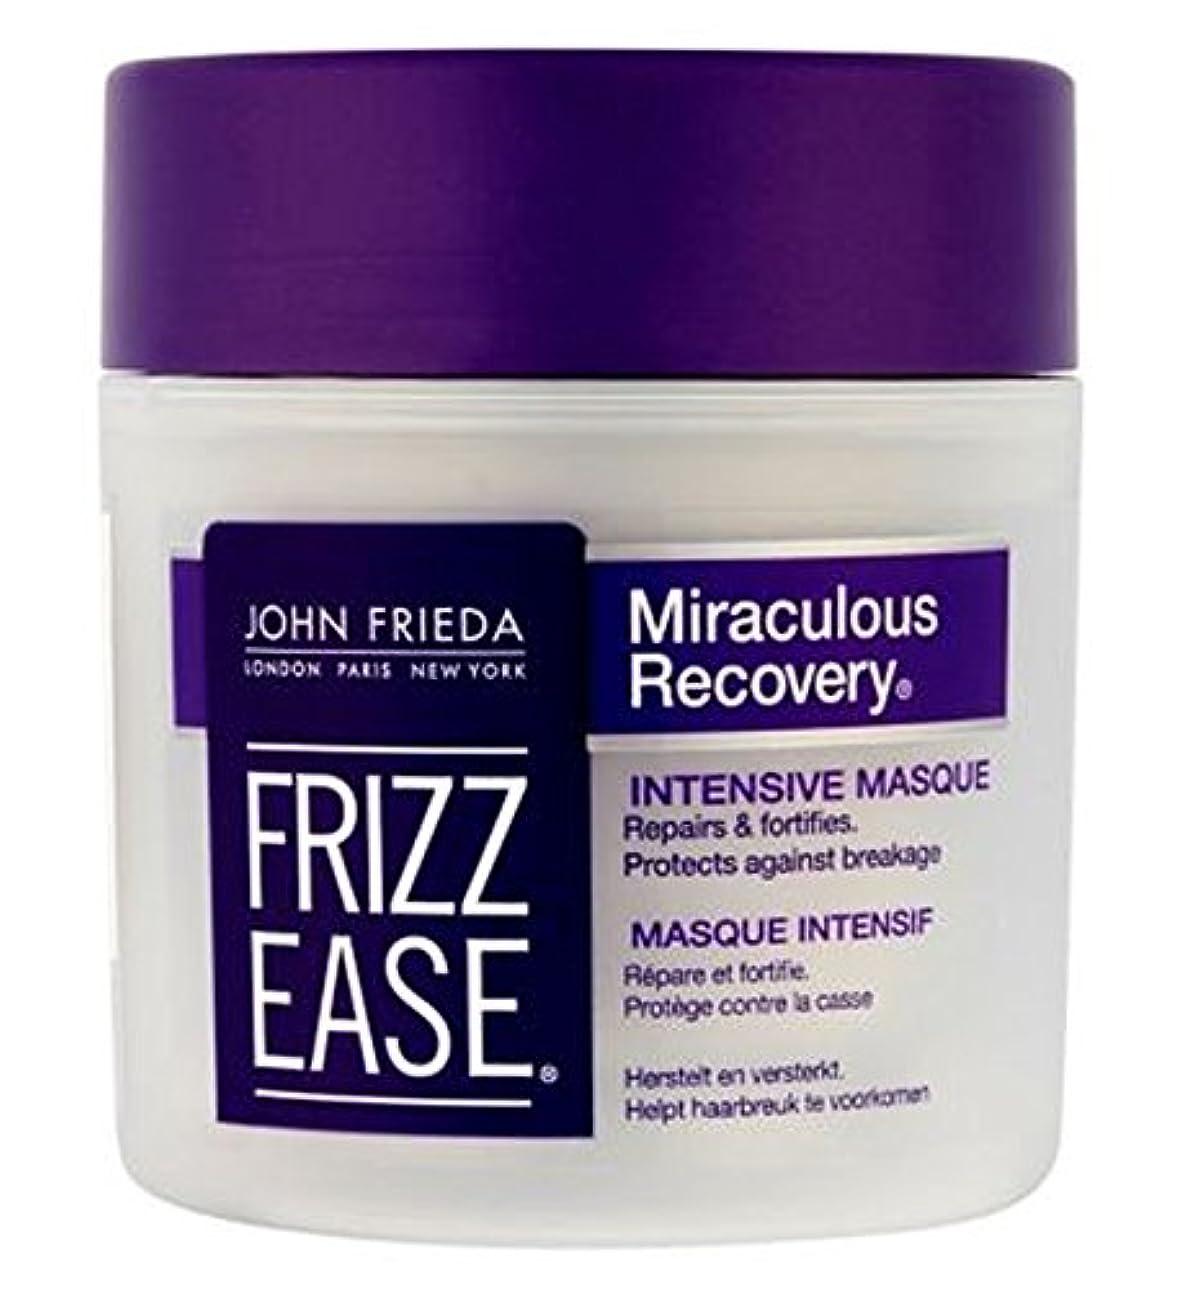 ナチュラルシールド建設John Frieda Frizz-Ease Miraculous Recovery Intensive Masque 150ml - ジョン?フリーダの縮れ-容易奇跡的な回復集中的な仮面劇の150ミリリットル (John Frieda) [並行輸入品]